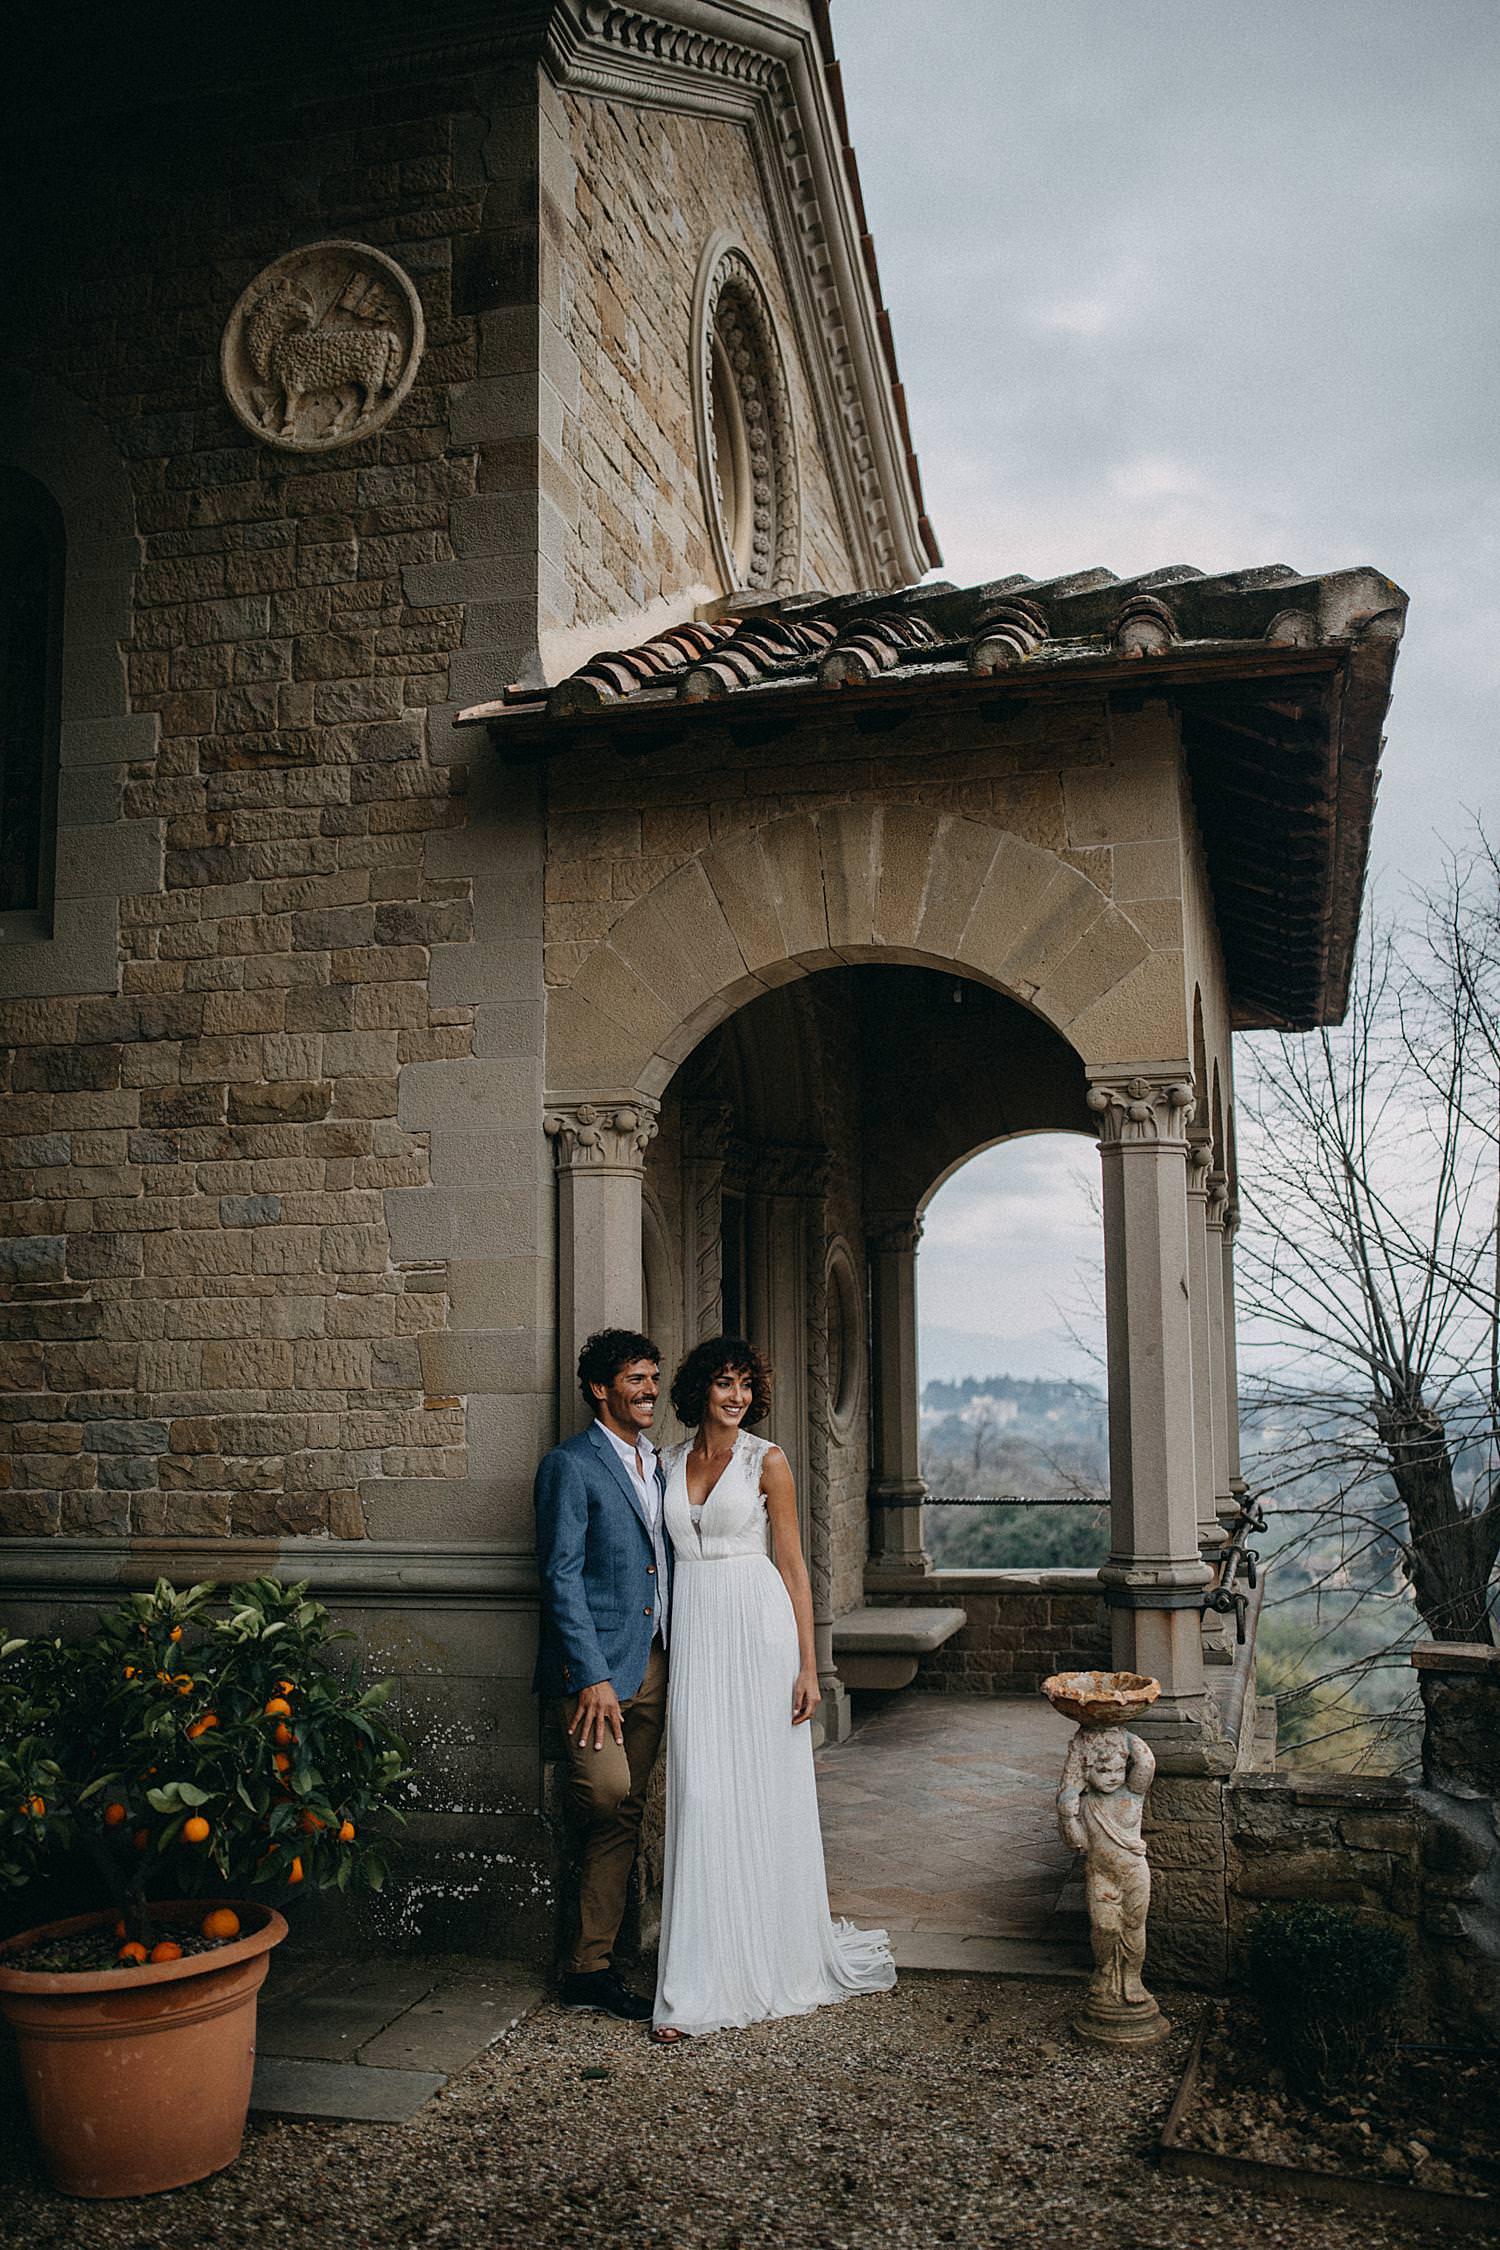 Tocany wedding chapel Italy Villa le Fontanelle